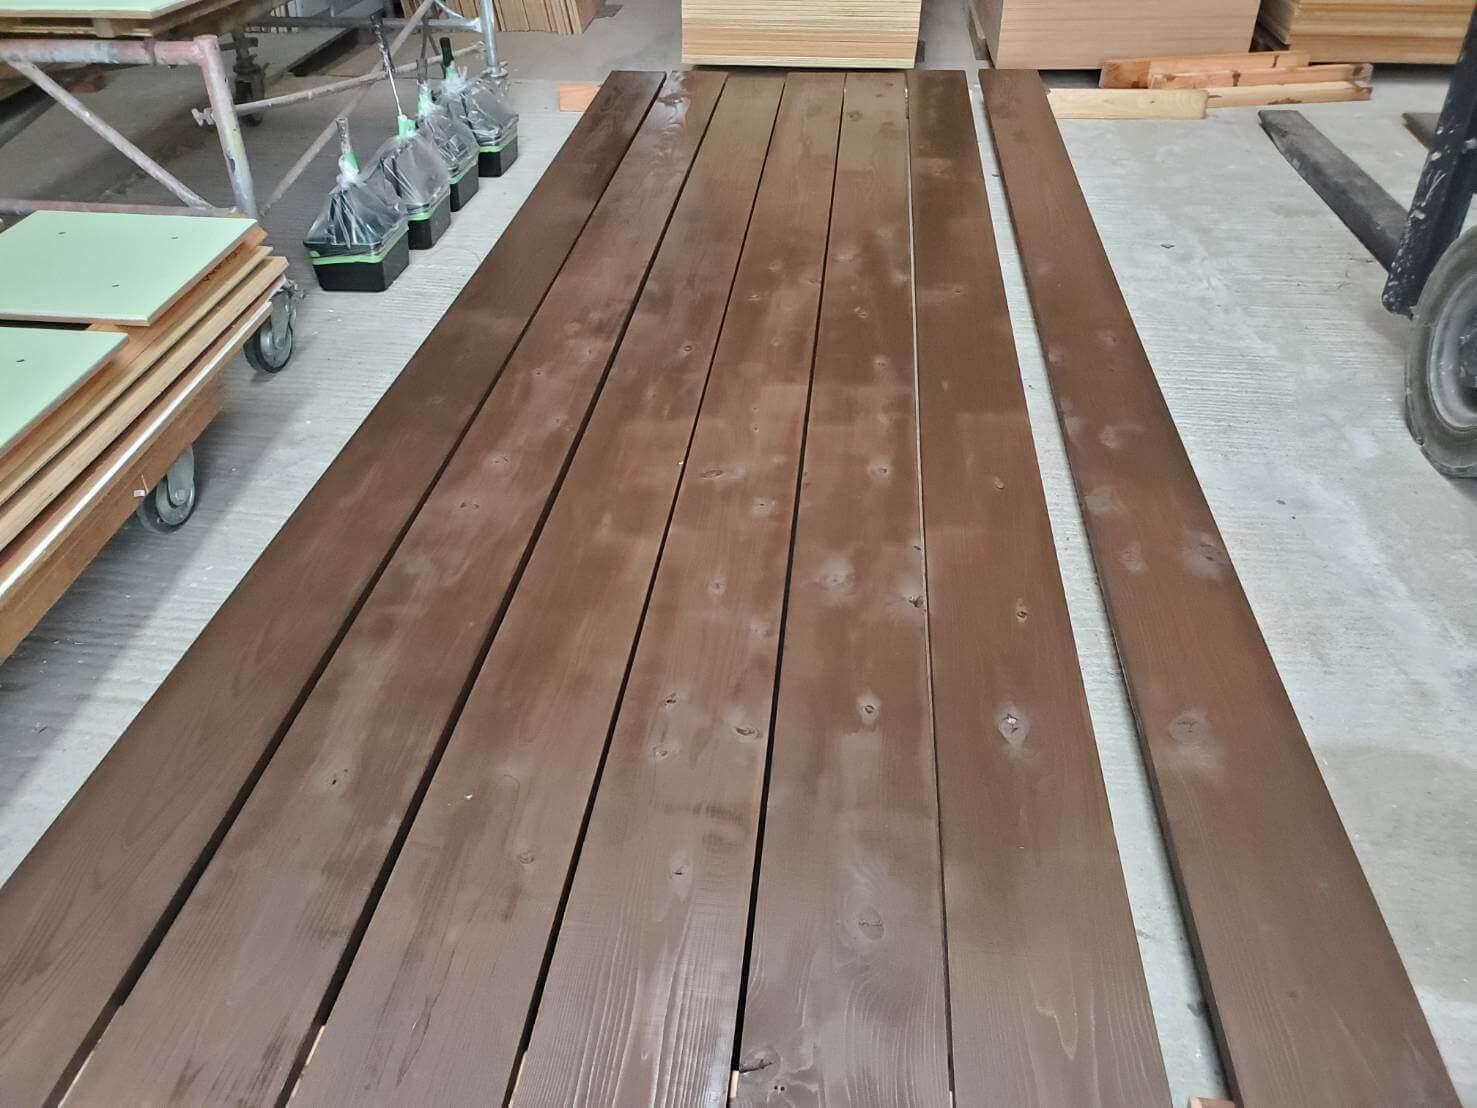 2021年5月24日軽井沢木製スロープ修理2